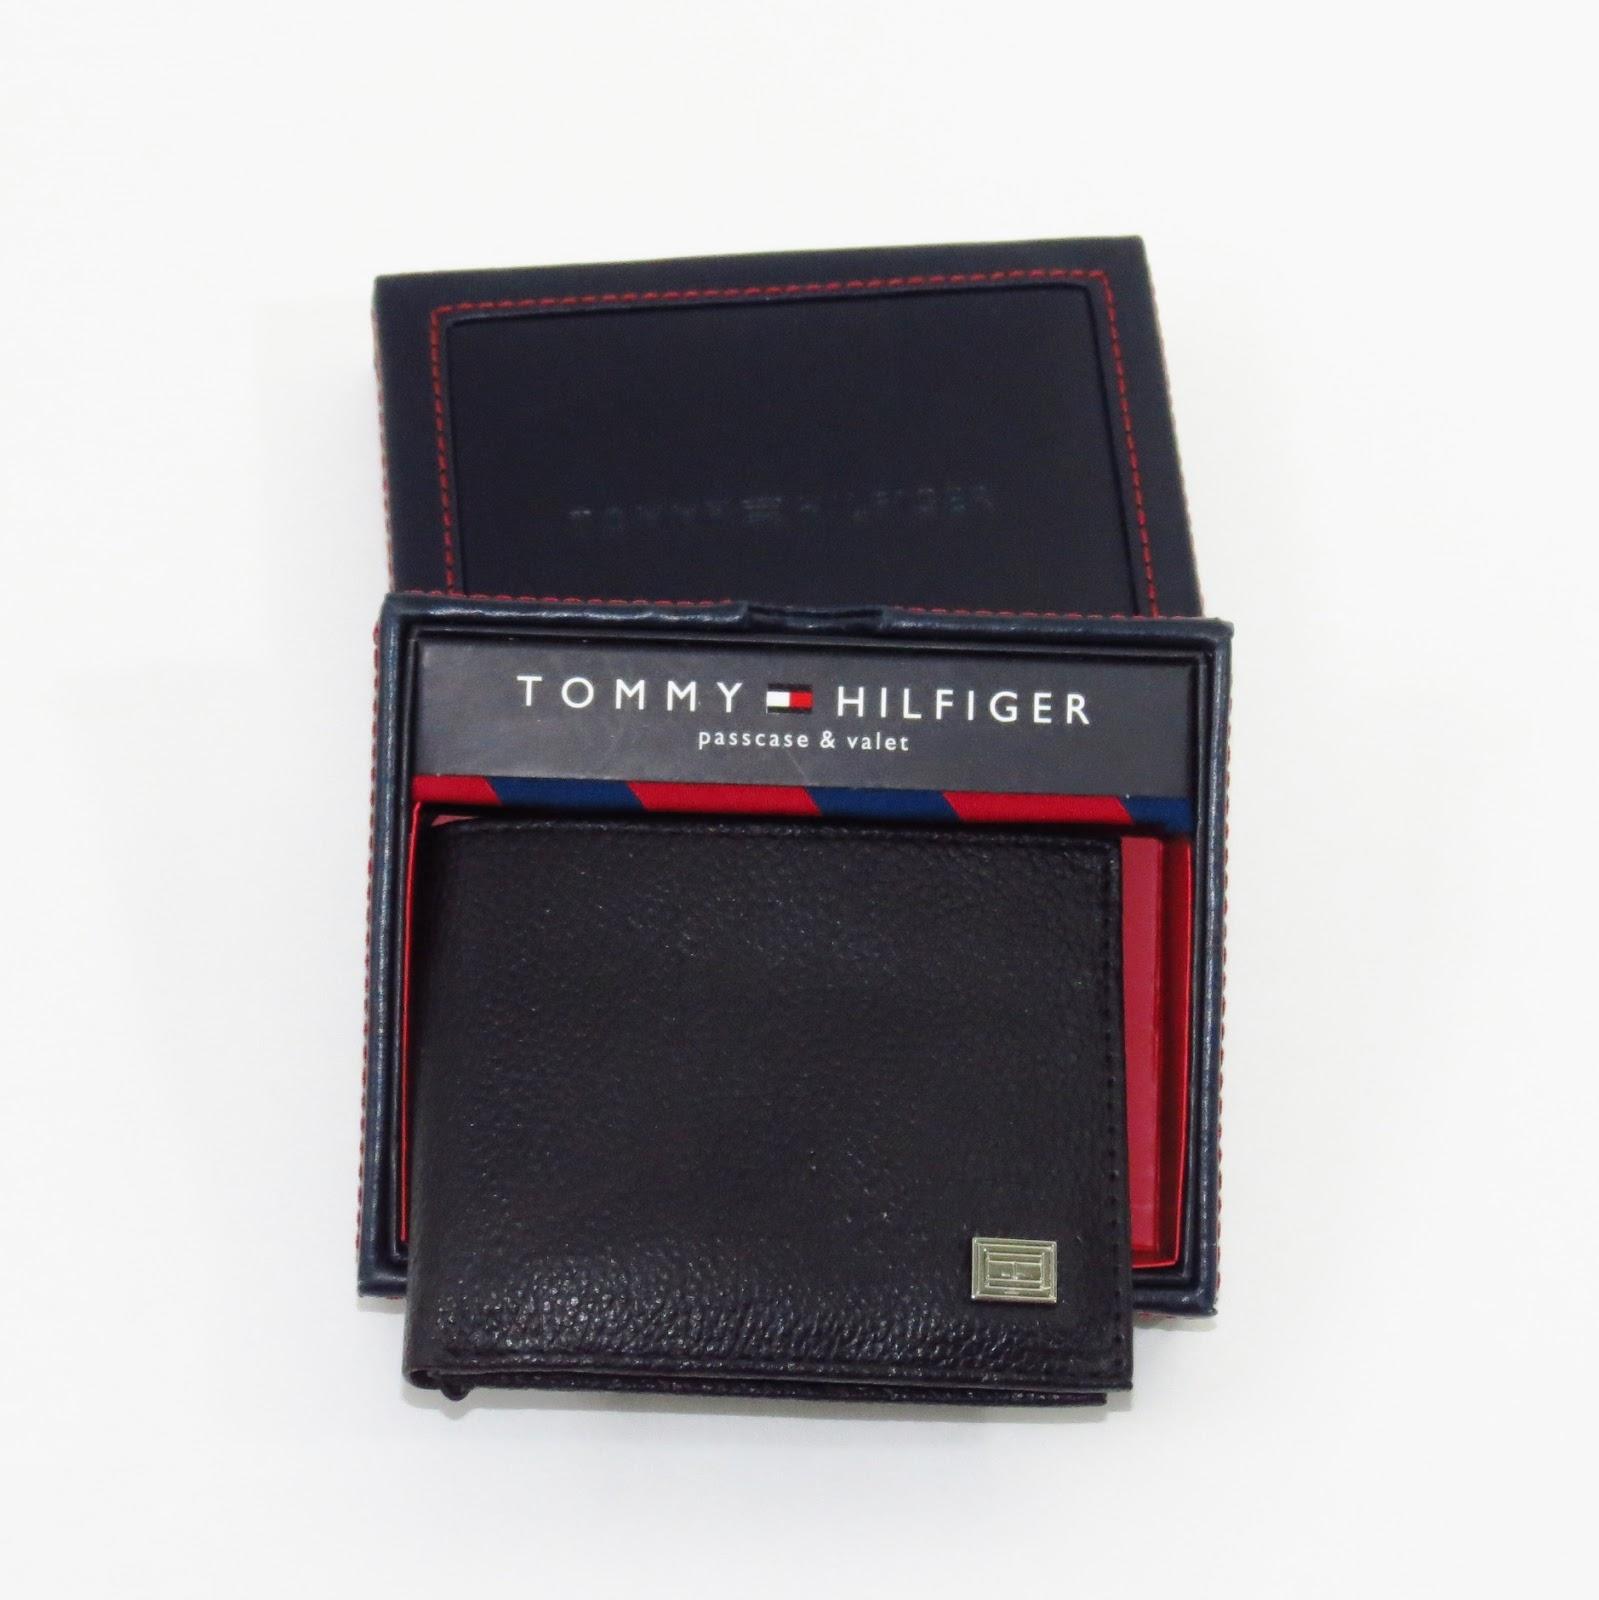 0b78745f0 Modelo 03- Carteira Tommy Hilfiger em couro preto com placa TH na cor prata.